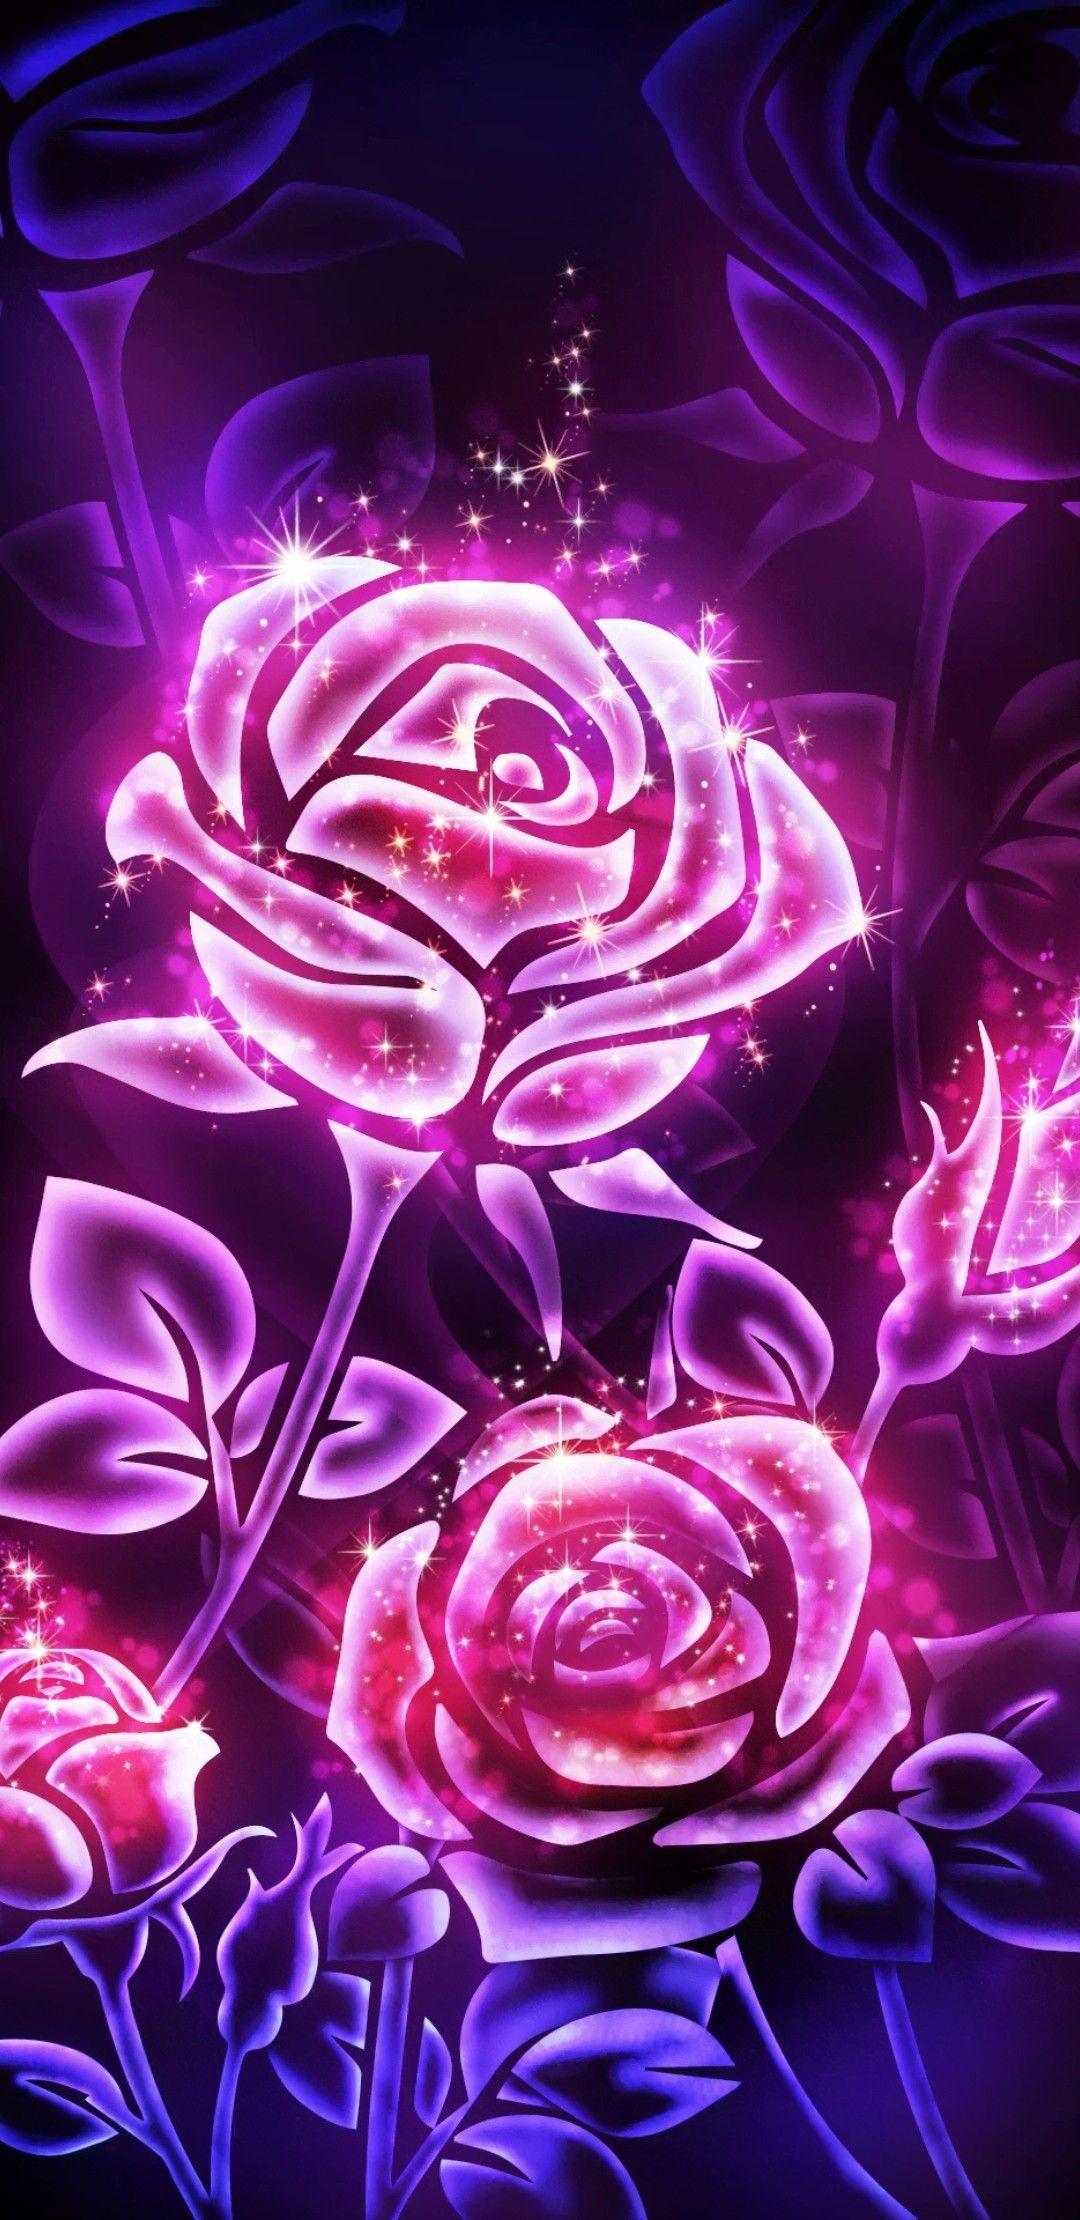 Pin By Kandi Huddleston On Bright Glow Wallpaper Flower Phone Wallpaper Rose Pink Wallpaper Flower Wallpaper